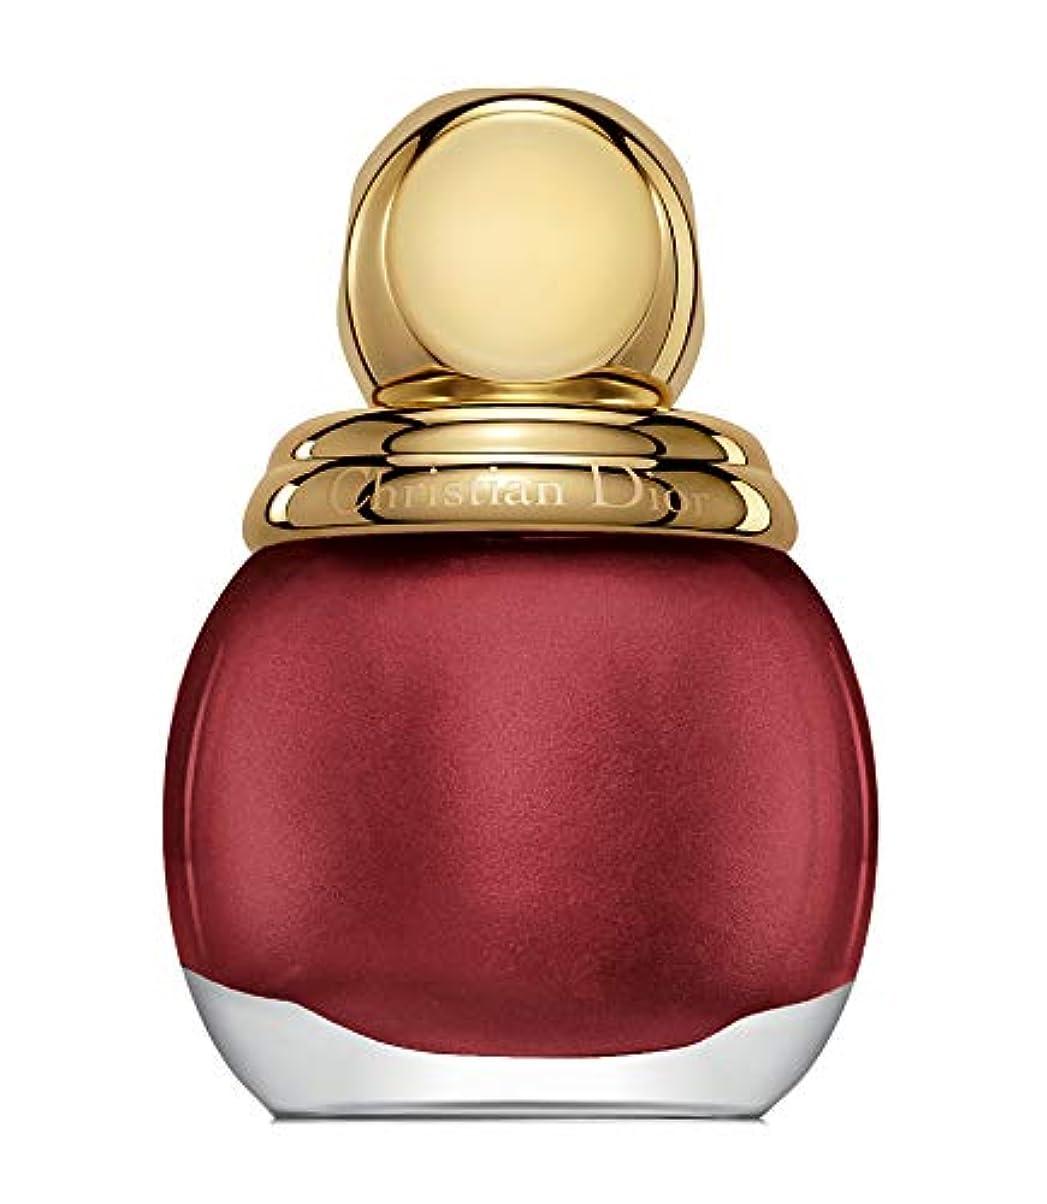 疲労ラジエーターマグディオール ヴェルニ ディオリフィック #760 トリオンフ 限定 Dior ネイル ネイルカラー